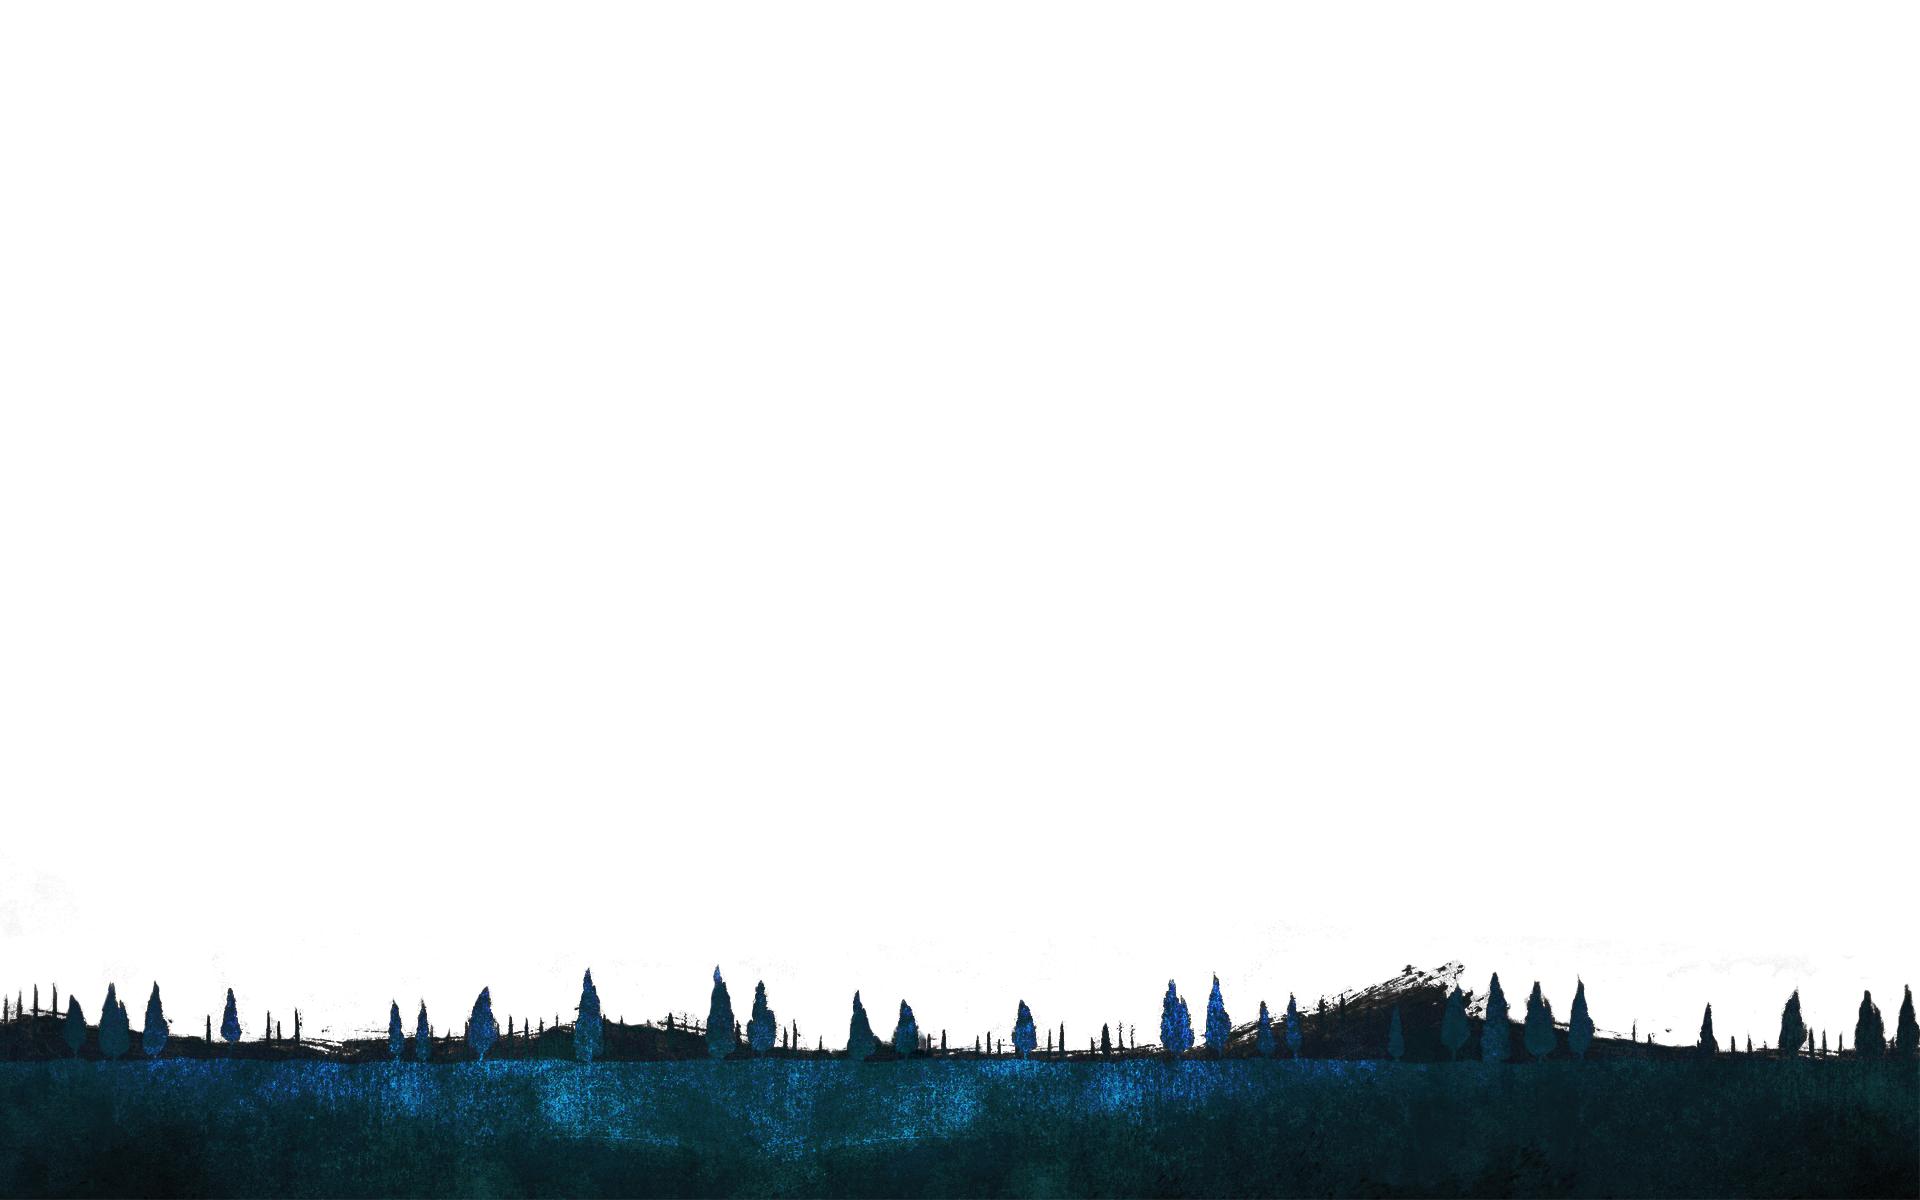 Hd wallpaper minimalist - Minimalist Wallpaper For Desktop